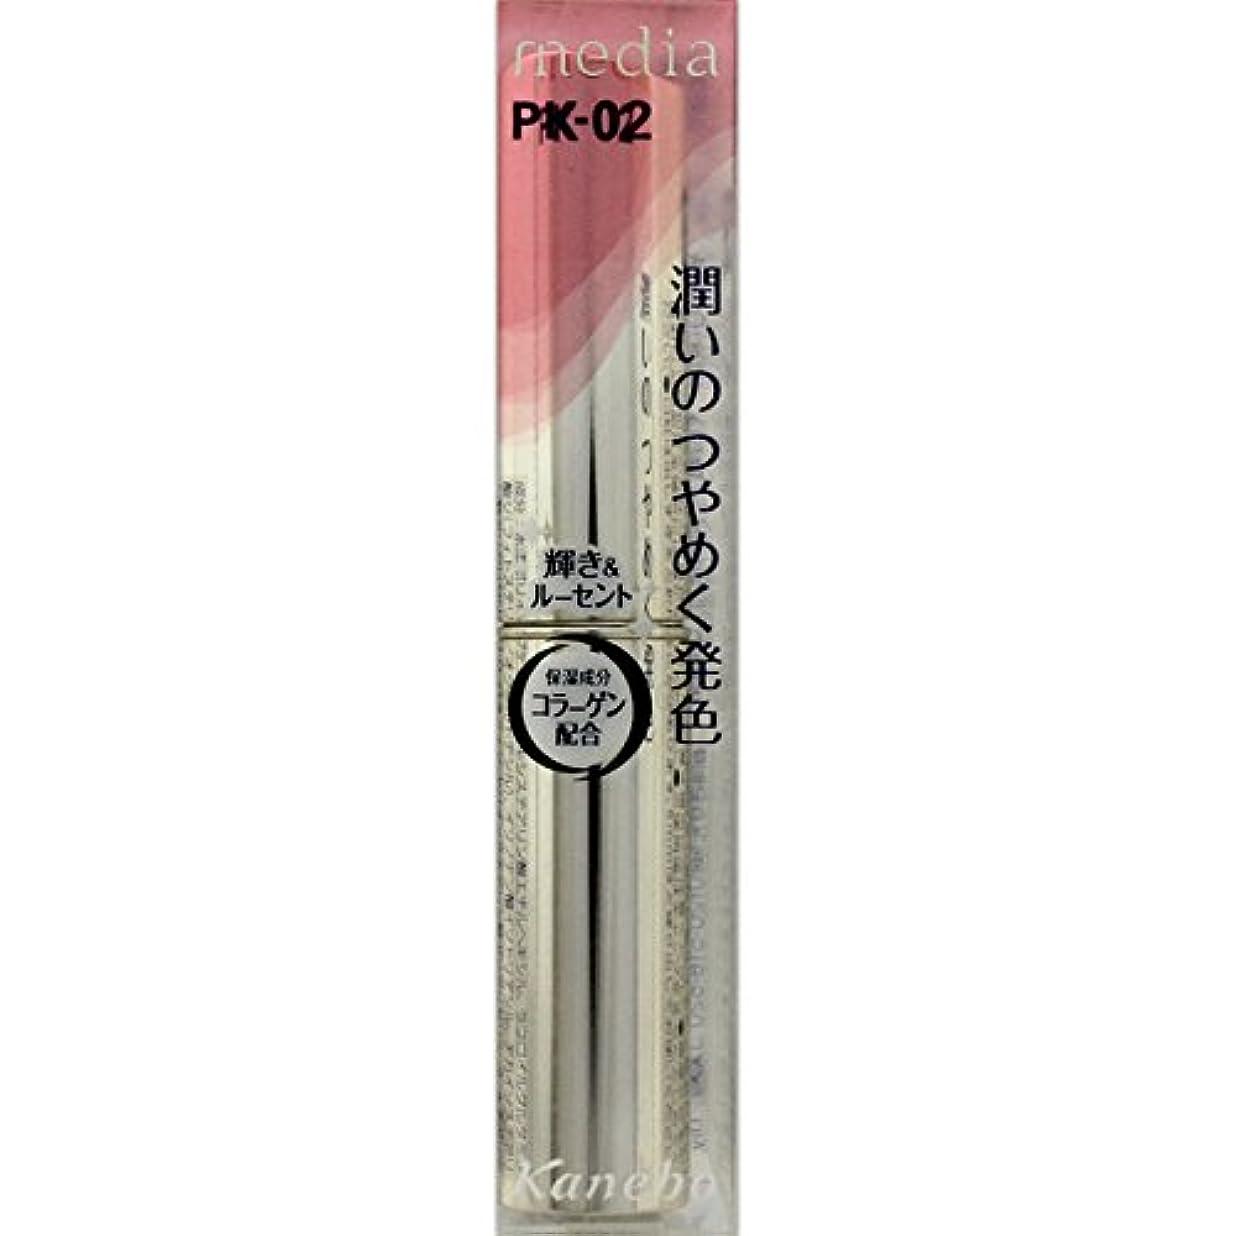 評議会情緒的磁器カネボウ メディア(media)シャイニーエッセンスリップA カラー:PK-02